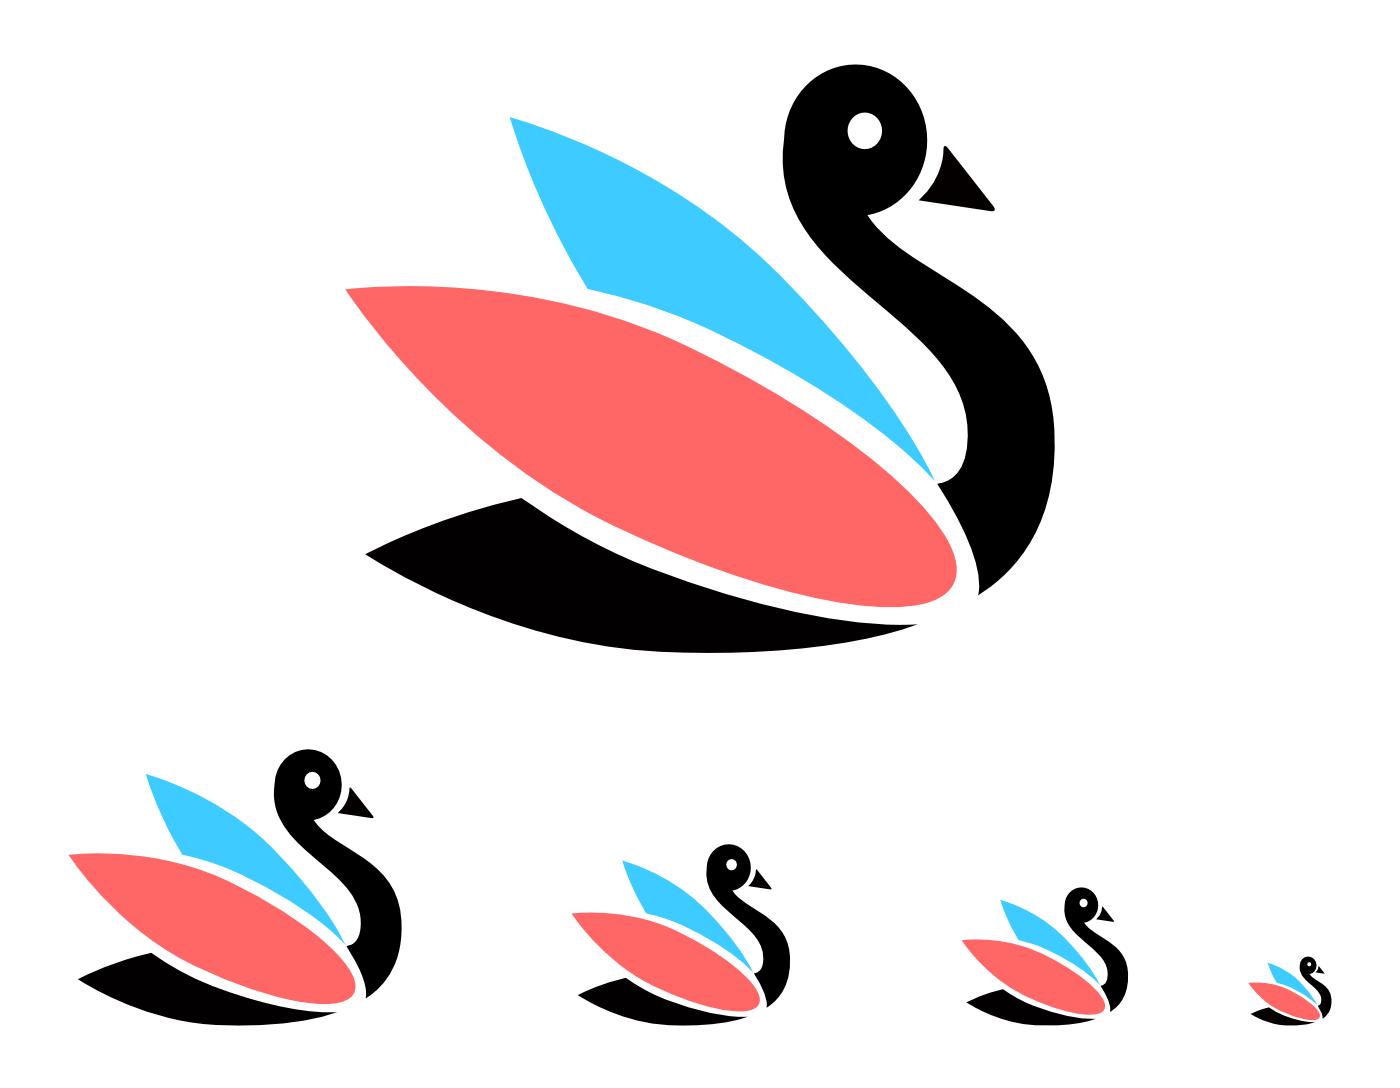 Skilligy-main-logo